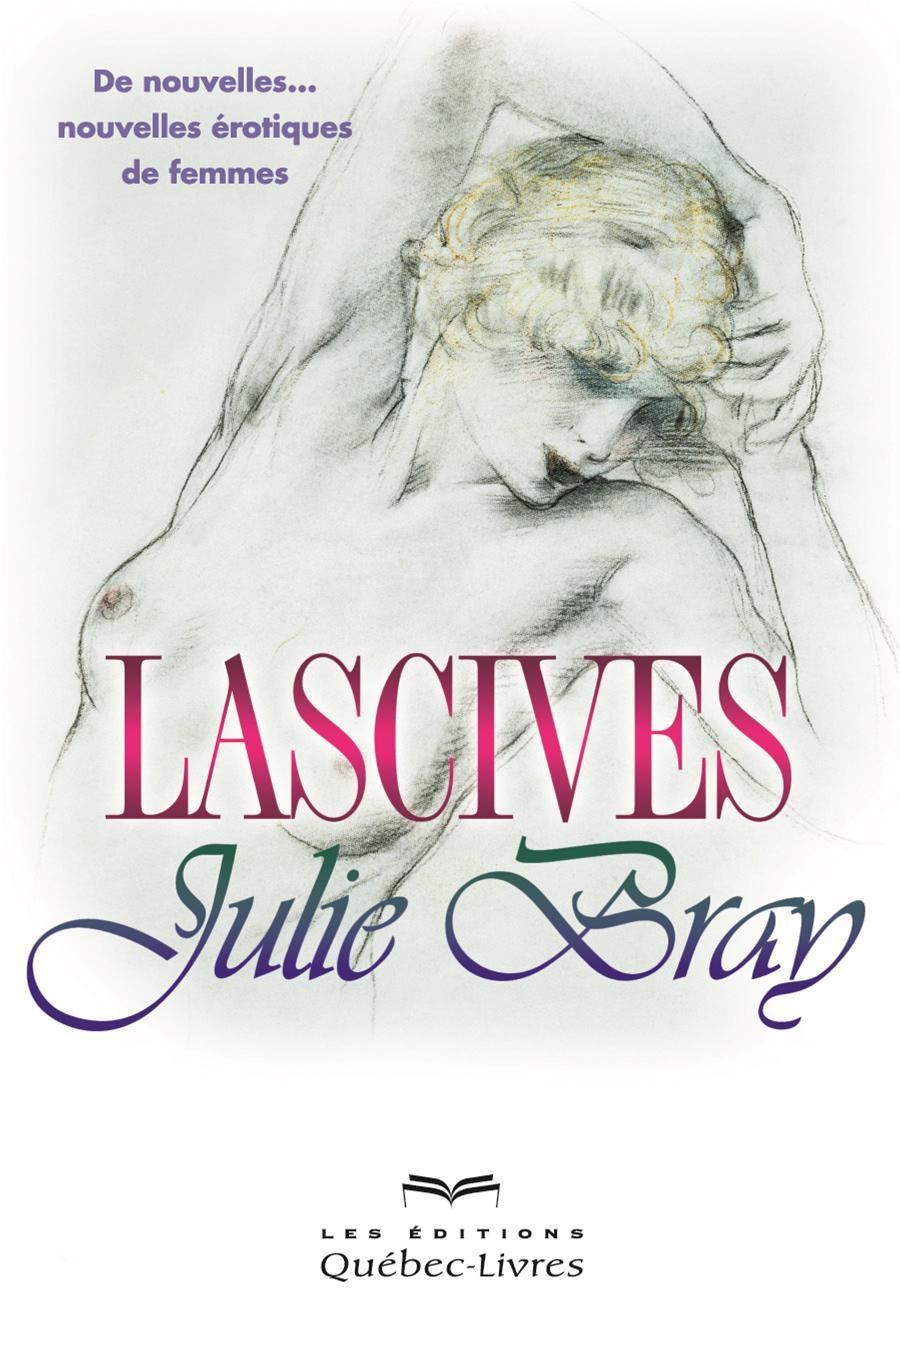 Lascives